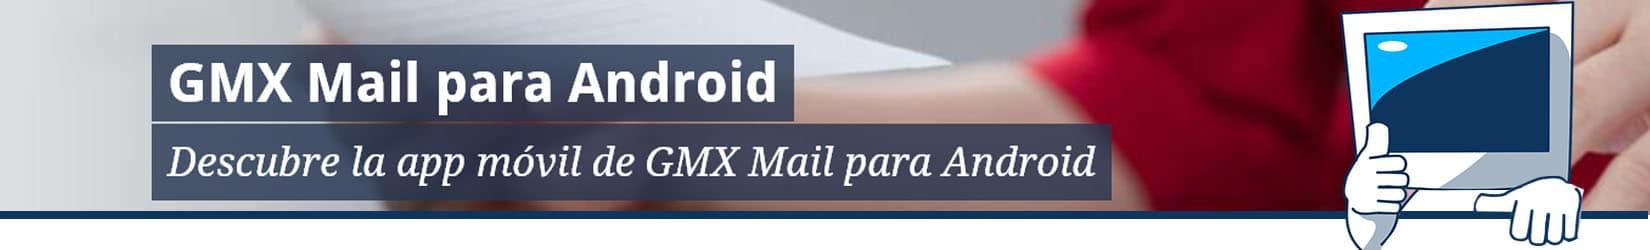 Cómo iniciar sesión en el correo GMX: Guía paso a paso 2021 3